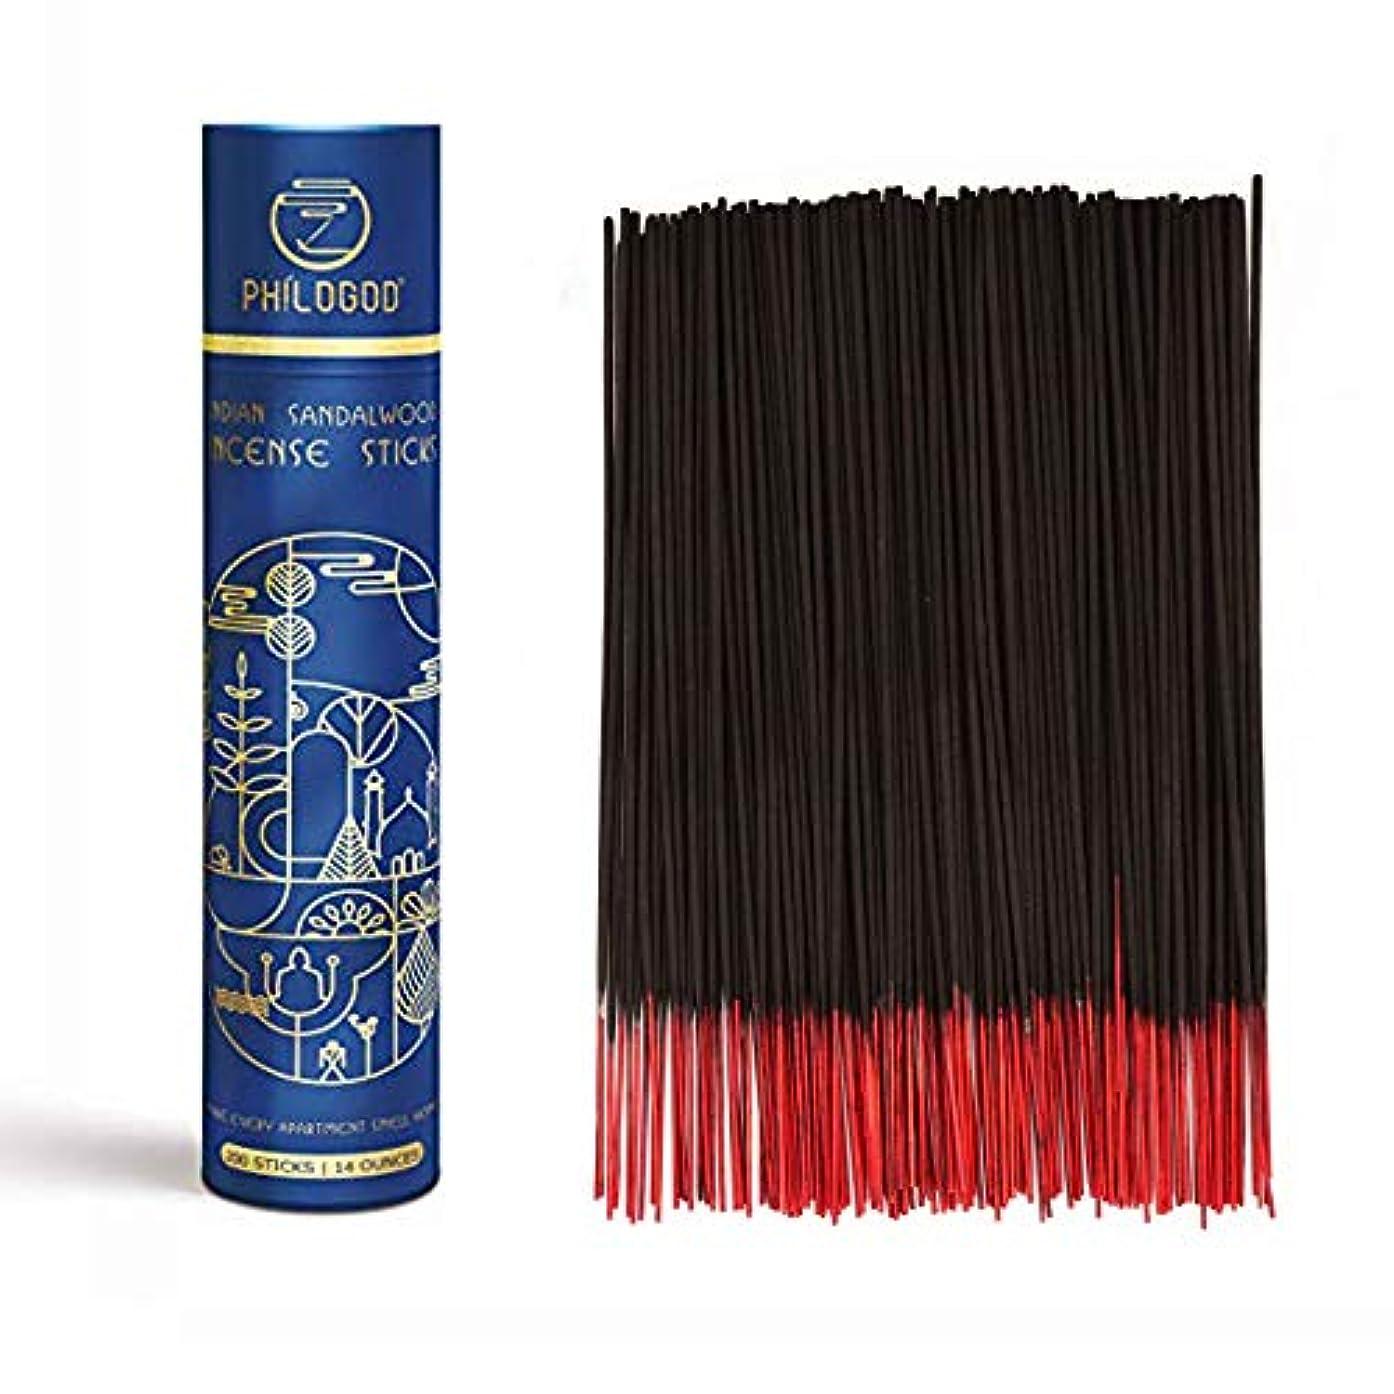 有名な驚くべきハンサム上質なインドお香スティック 手作り 100%ナチュラル 長続く線香 ヨガ瞑想 200本入れ (オリエンタル系)